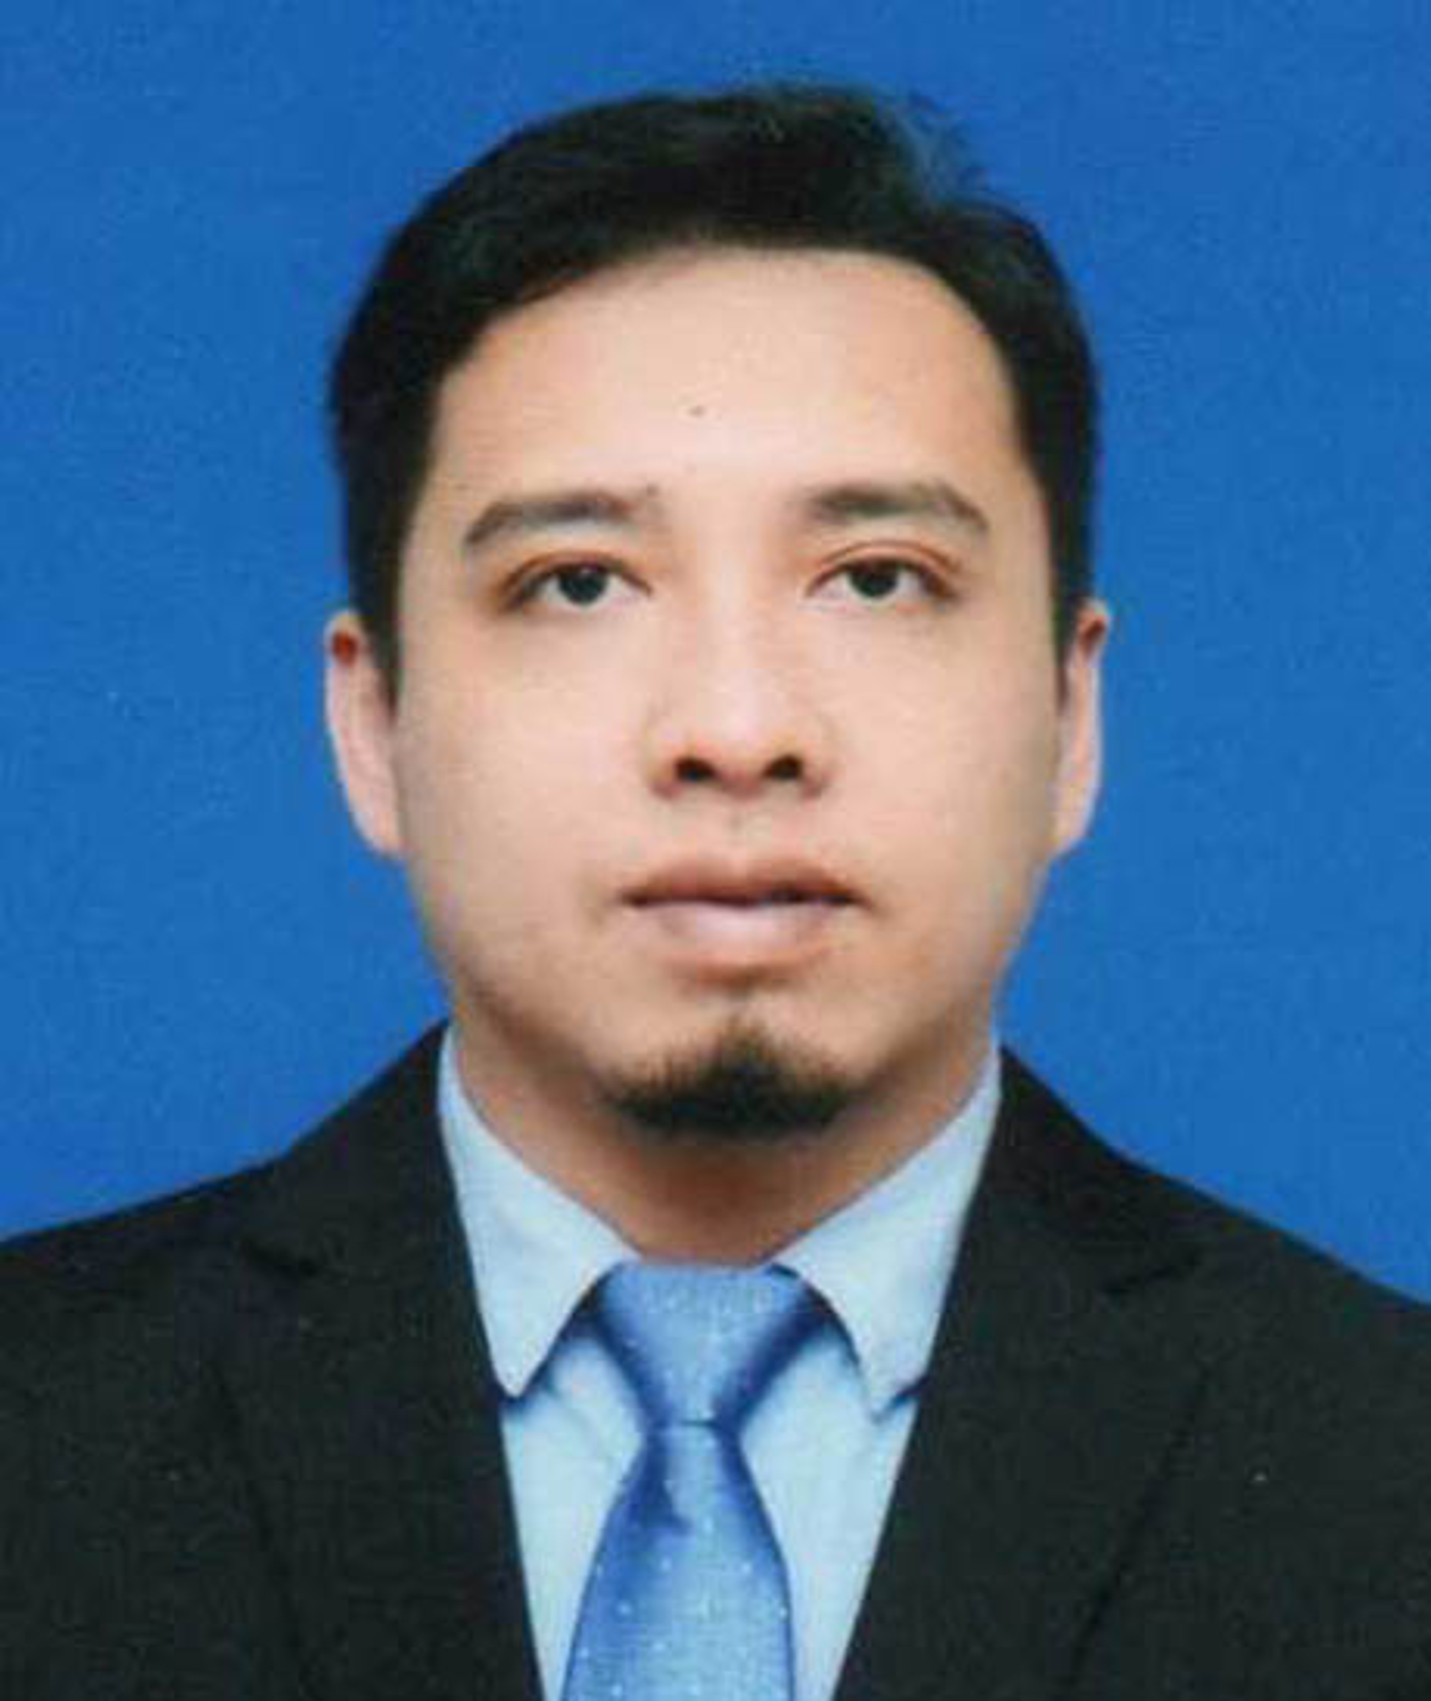 Mohd Firdaus Bin Nawi